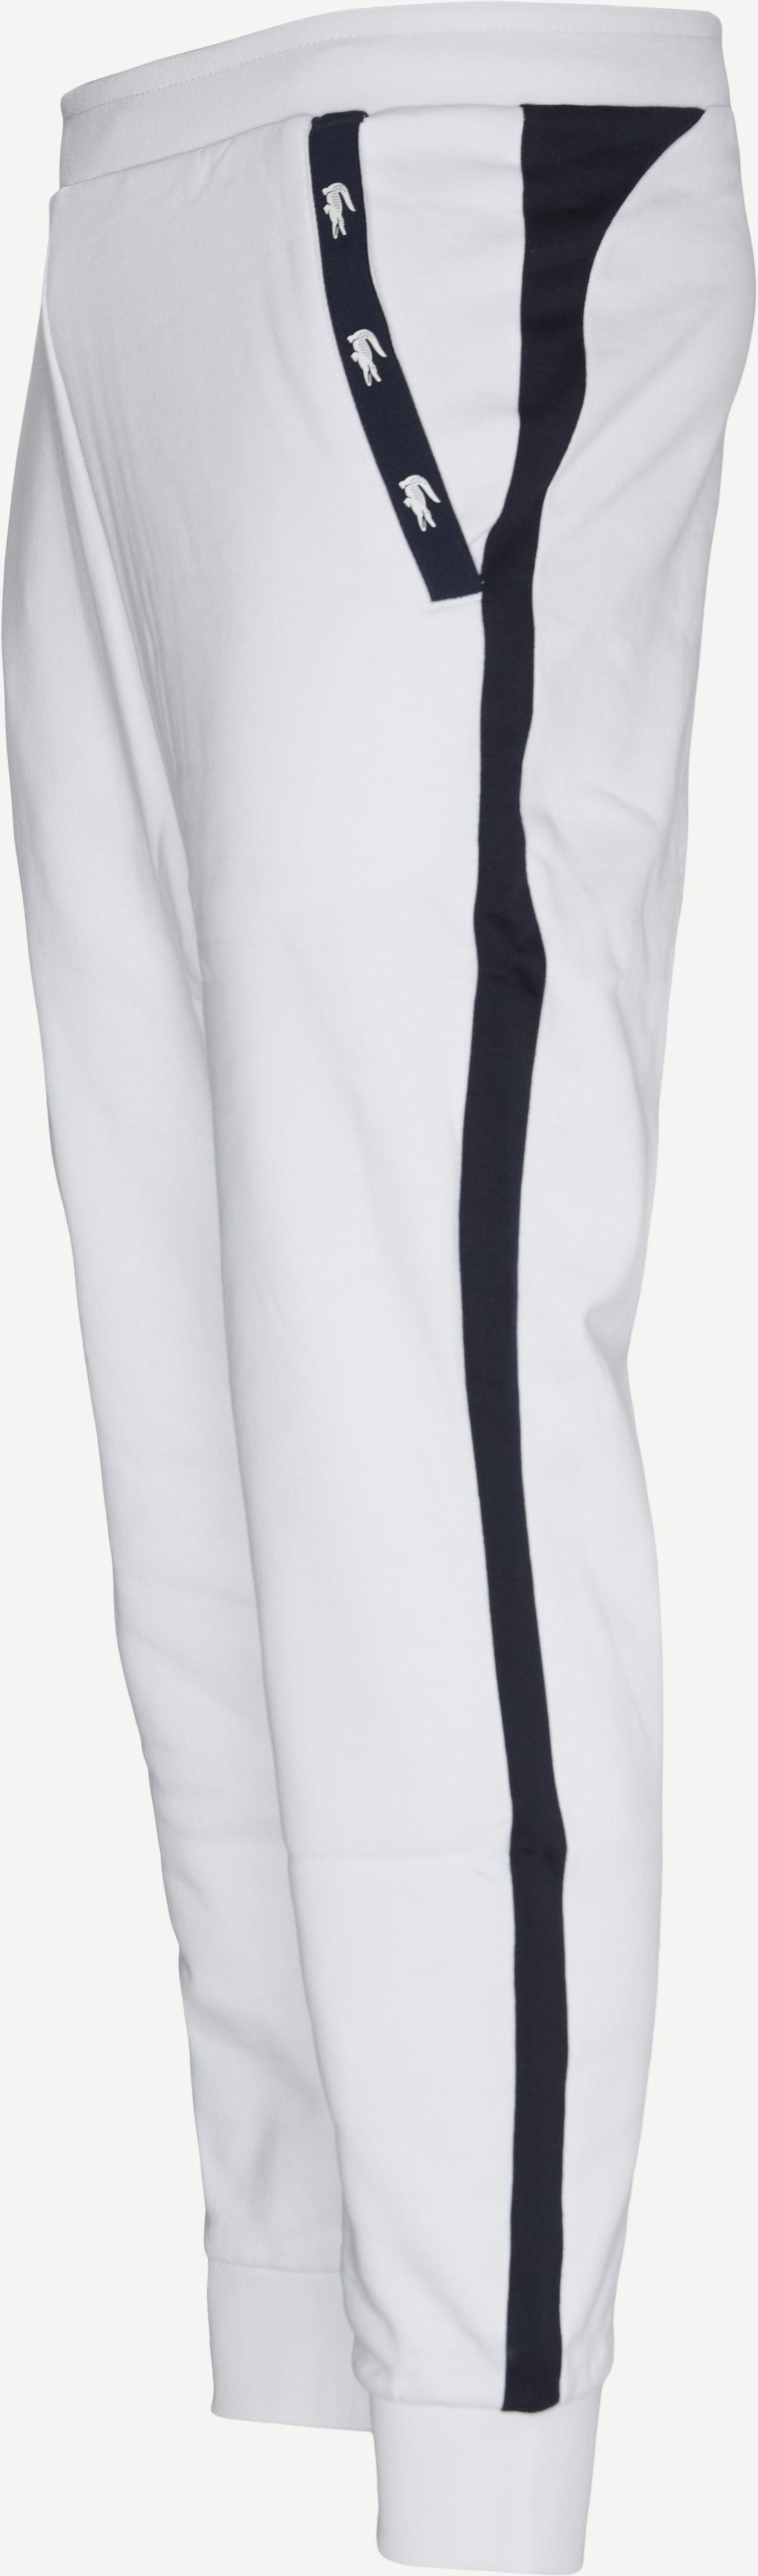 Trousers - Regular - White